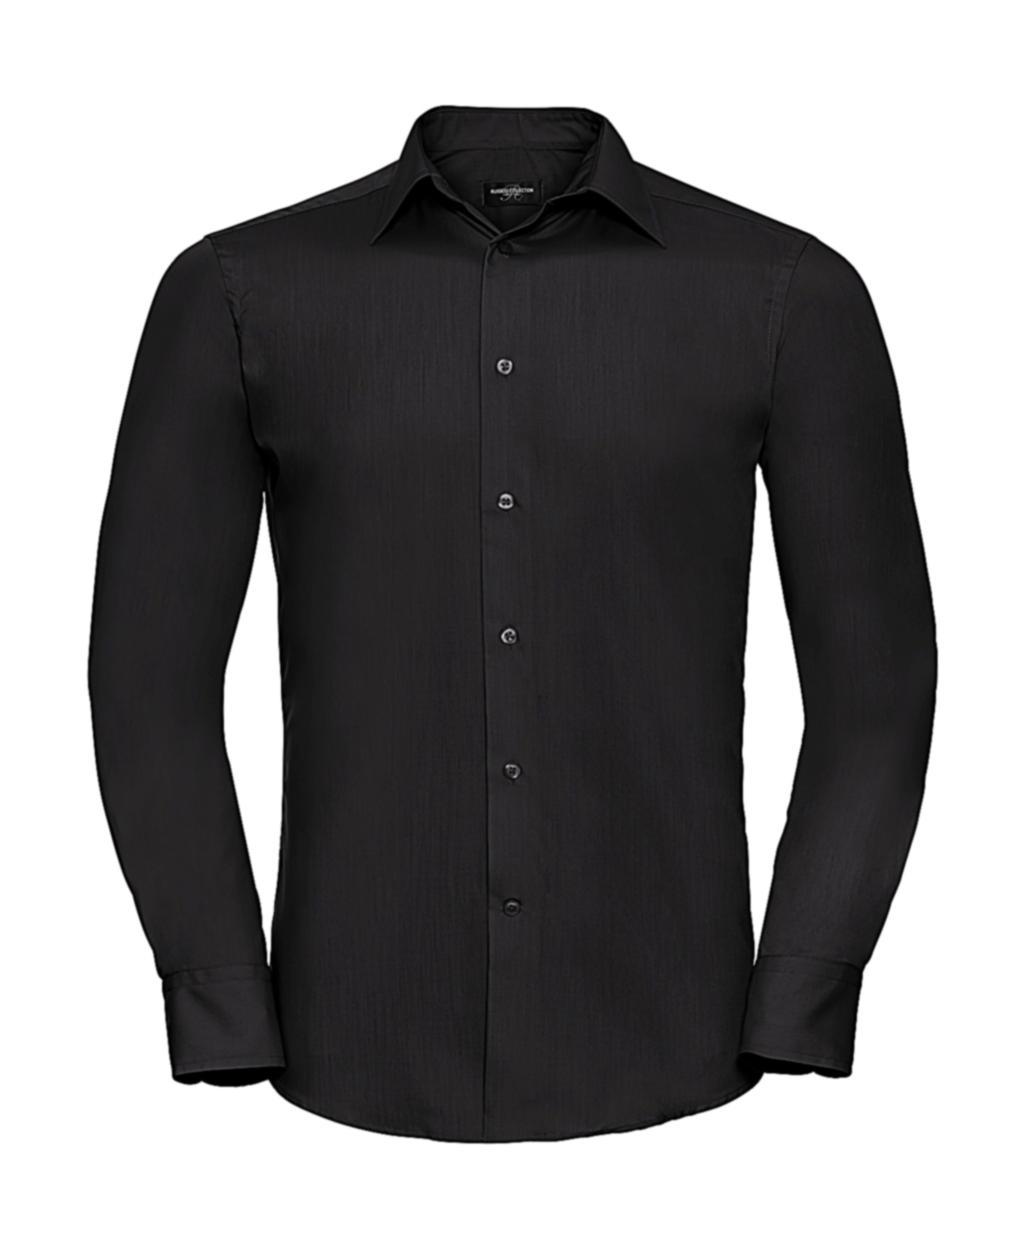 Pánská košile Poplin s dlouhým rukávem - zvìtšit obrázek